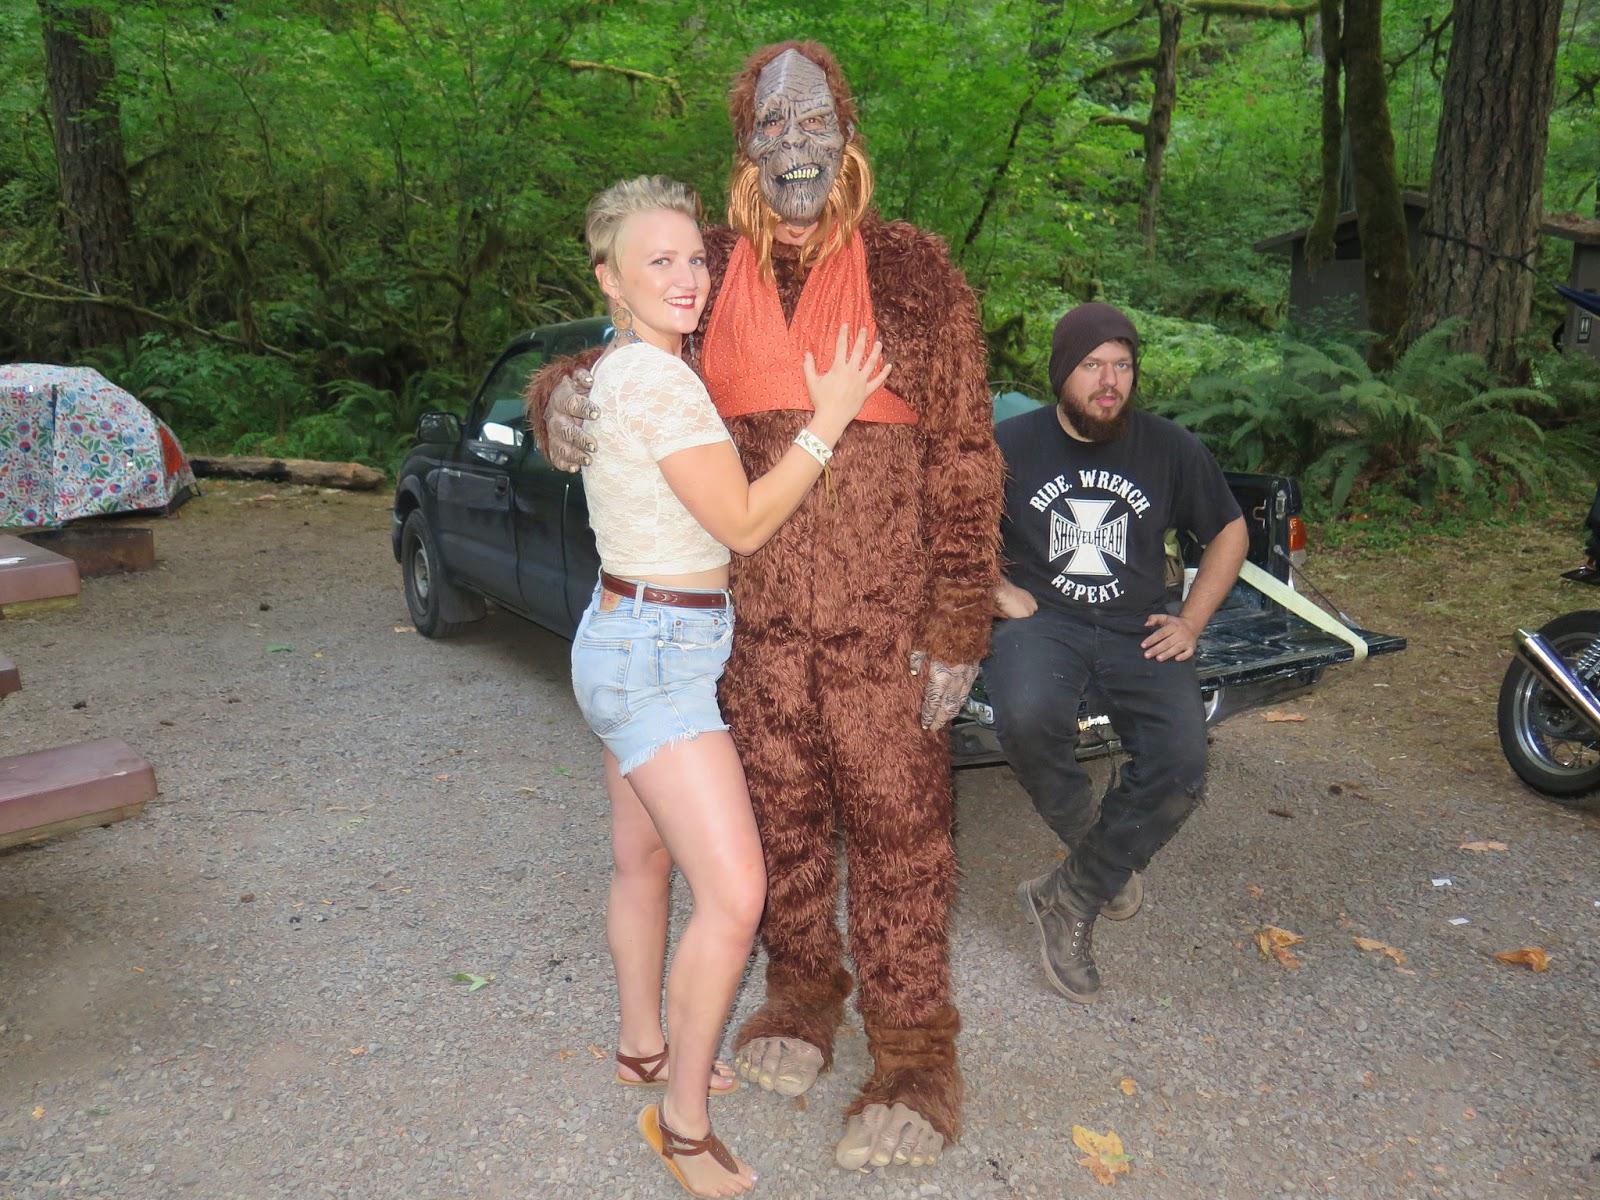 Bigfoot crashes the Cheapo Chopoff! (9/10) BIGFOOT IS REAL!!!